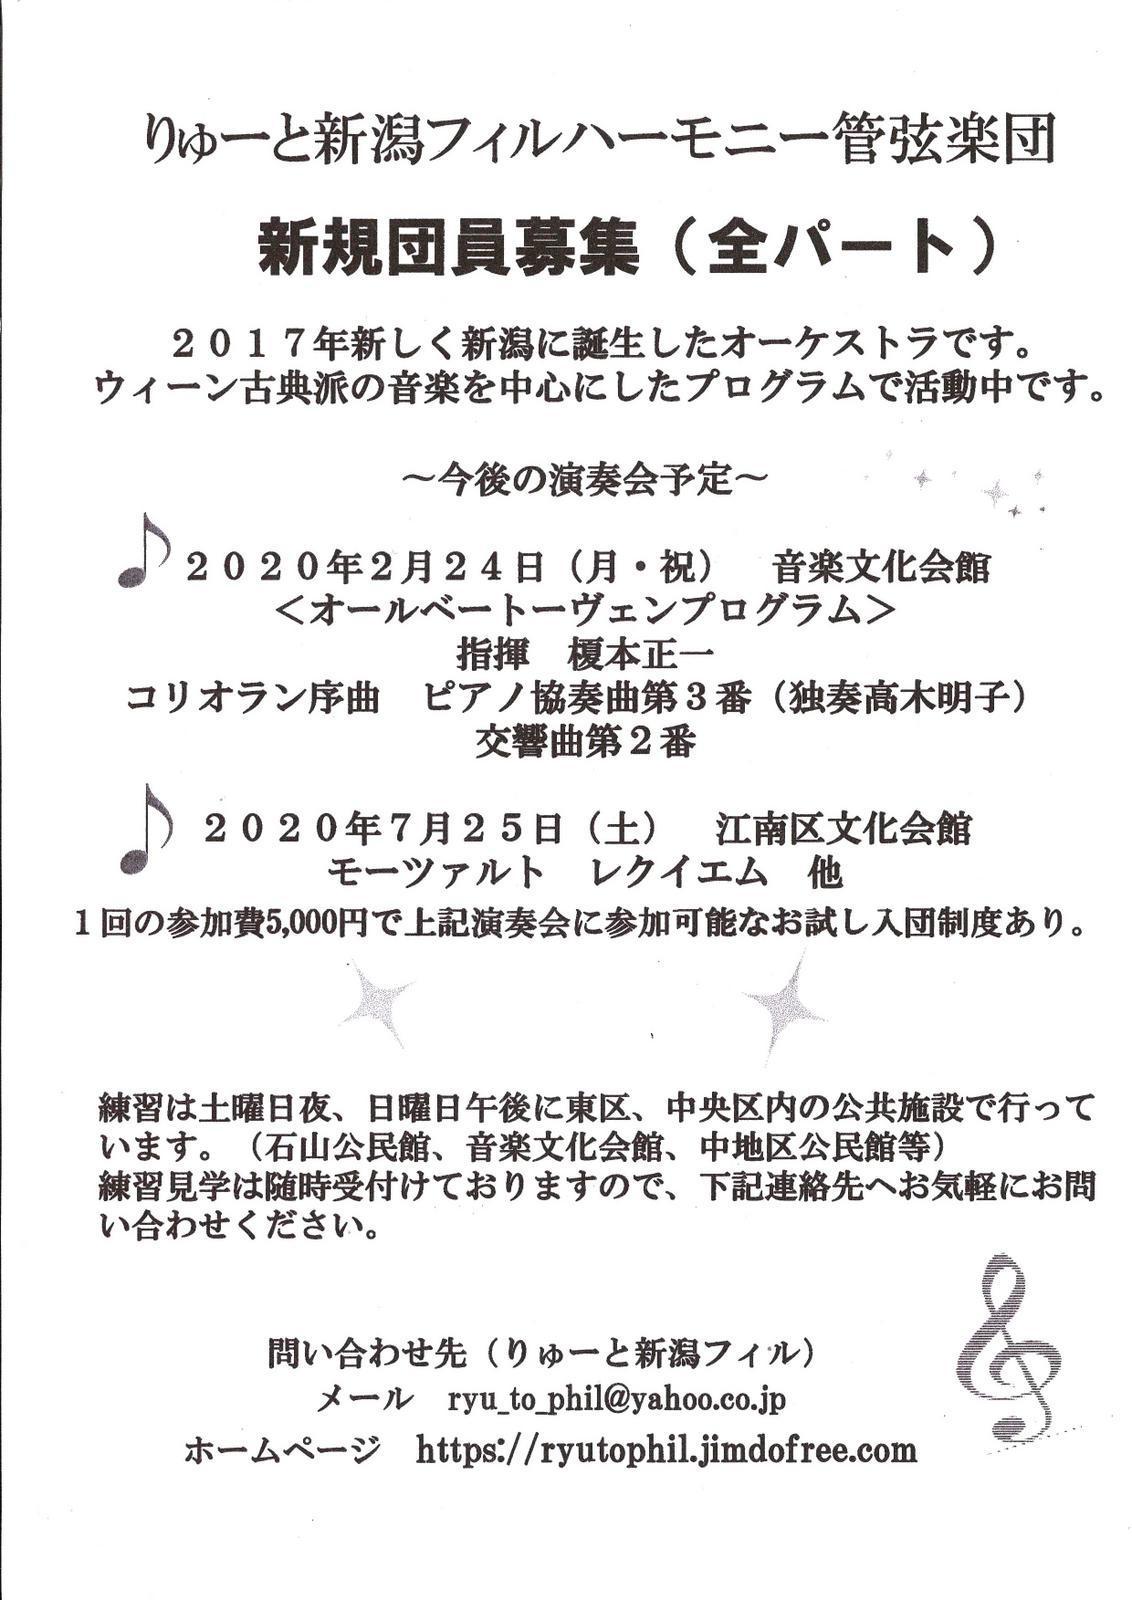 蔵織、明日からの展覧会は。_e0046190_16555376.jpg